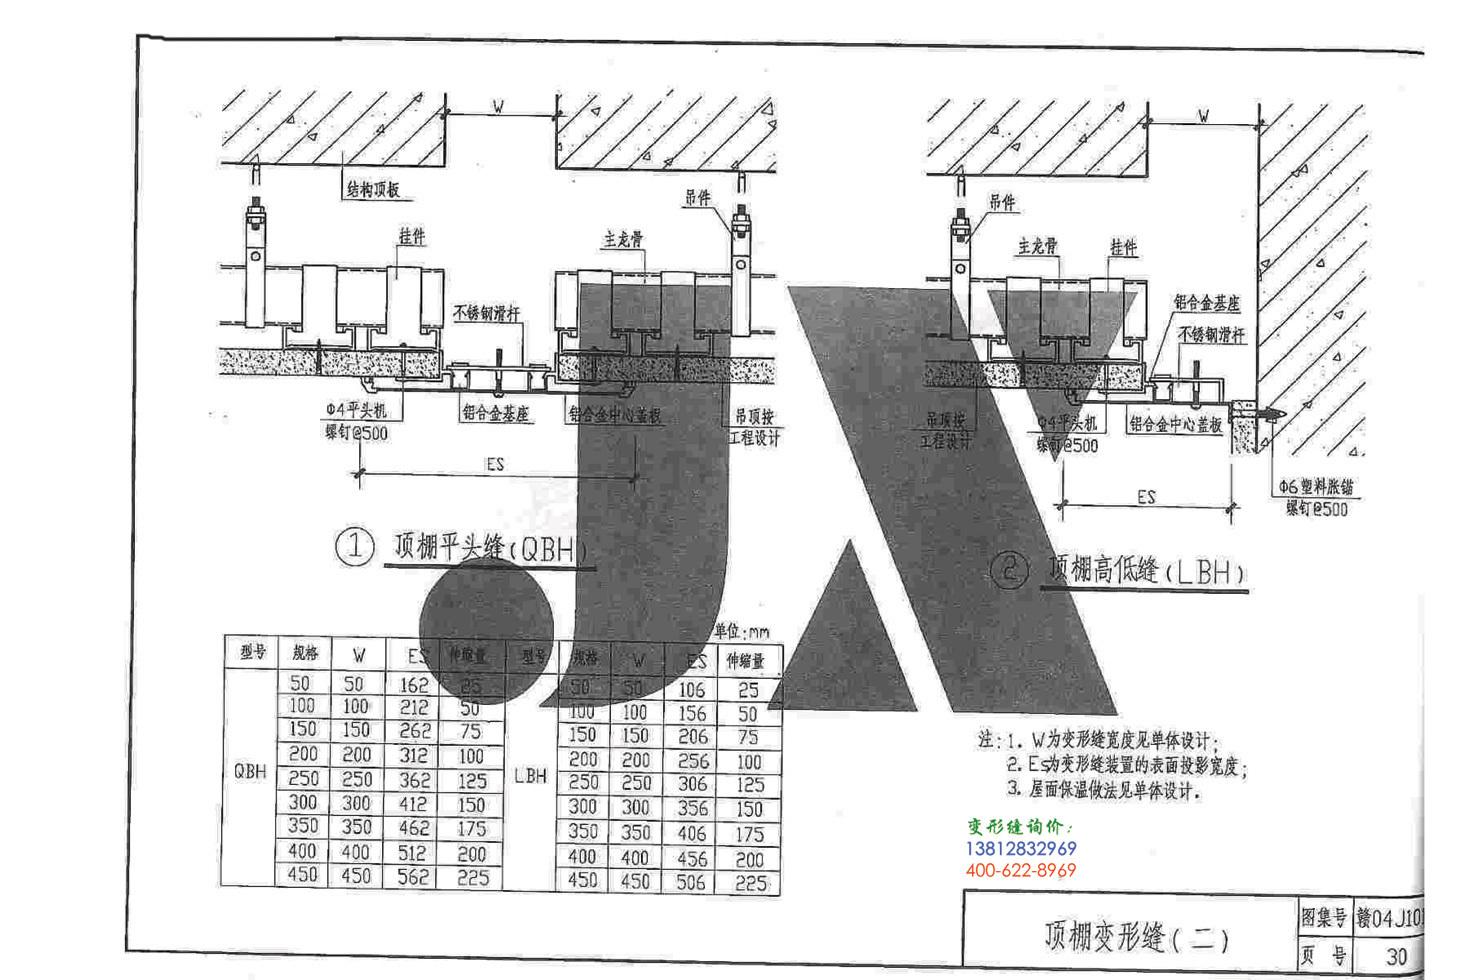 赣04J101变形缝图集第30页